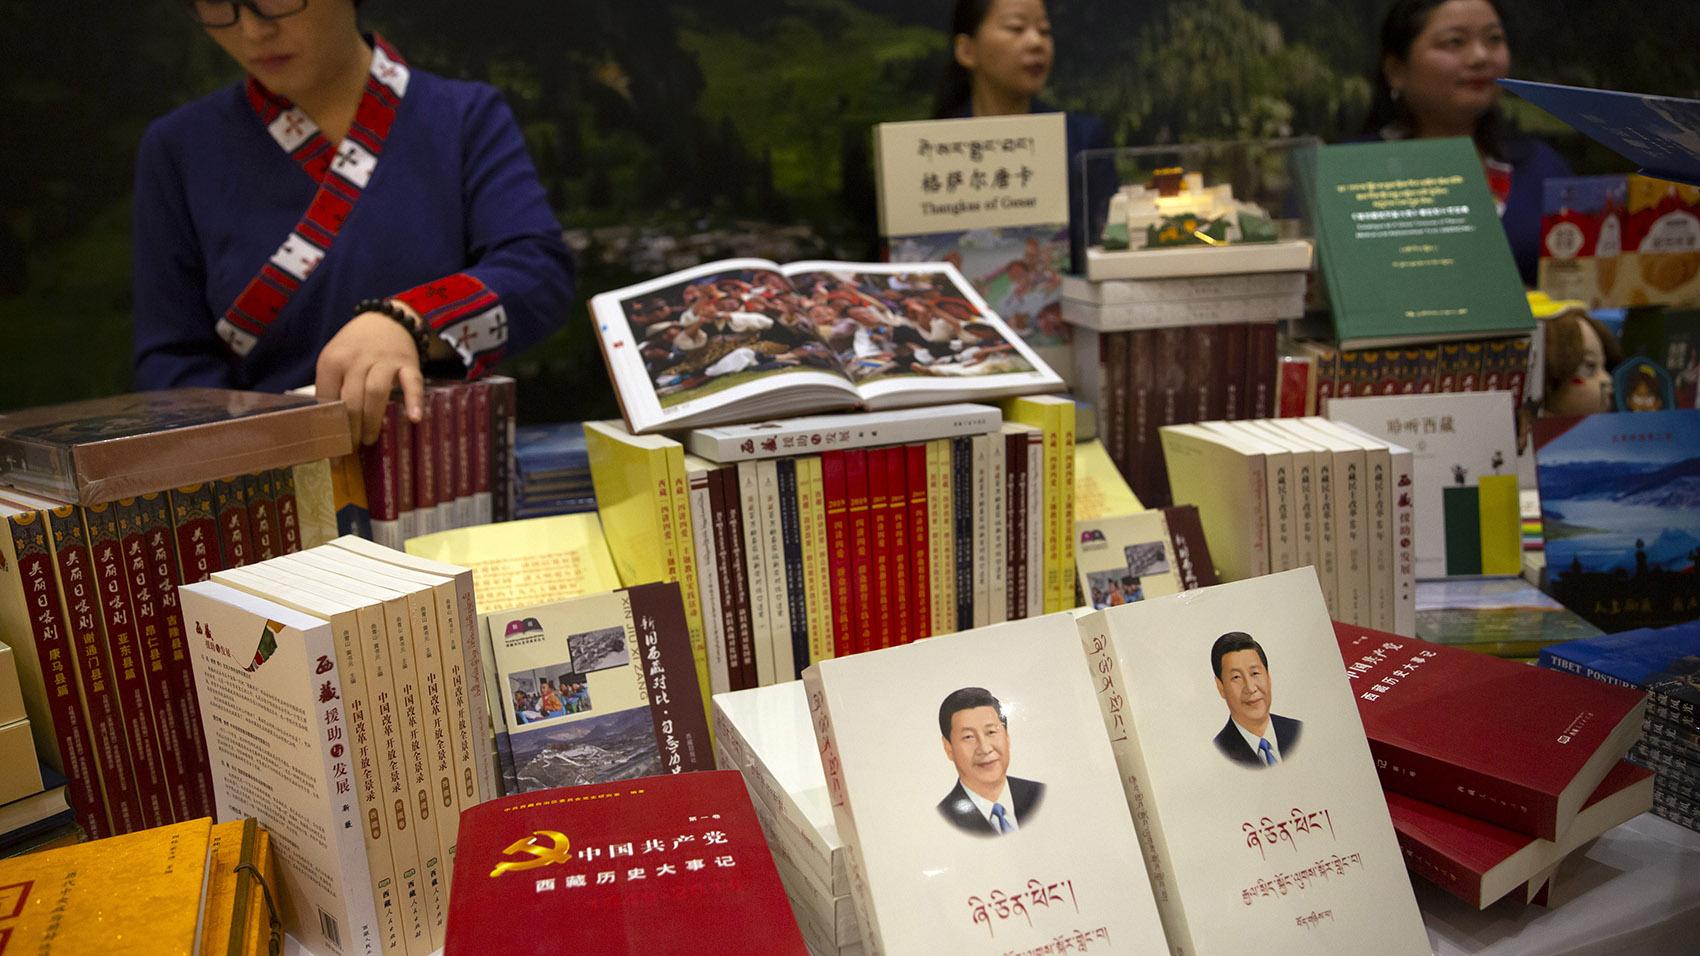 《习近平谈治国理政》的藏文版书籍。(美联社)